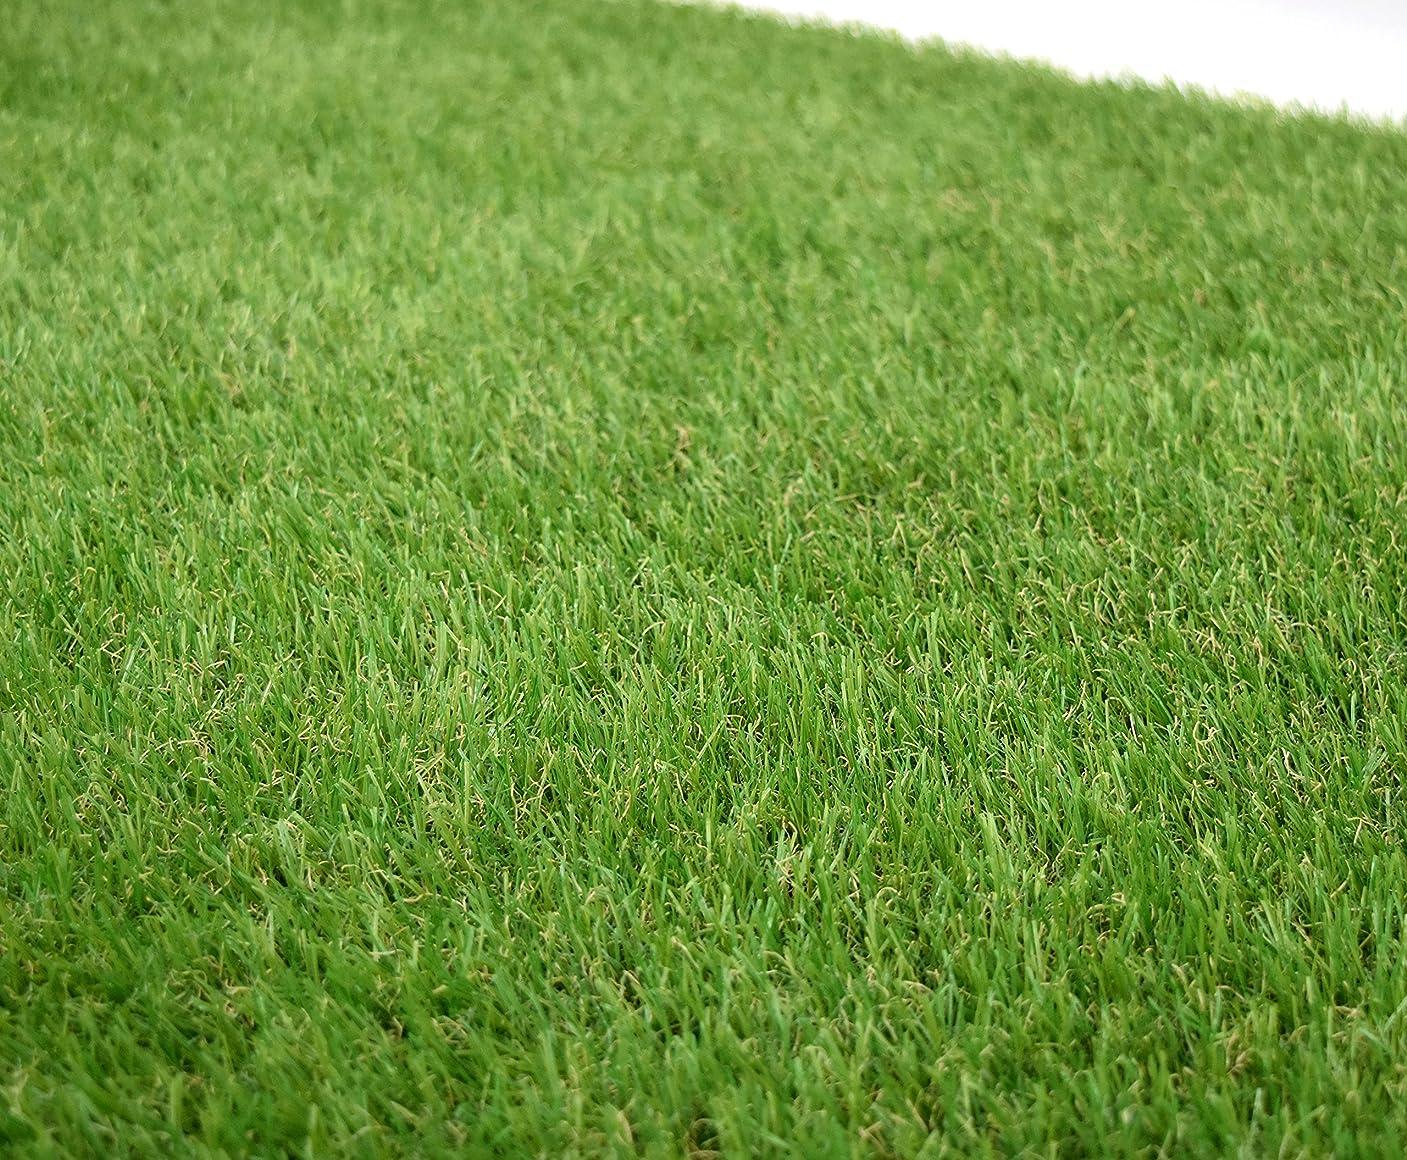 威信神経パウダー天然芝にそっくり!リアル人工芝(高麗芝)35mm 幅1m×長さ10m GTF-3510